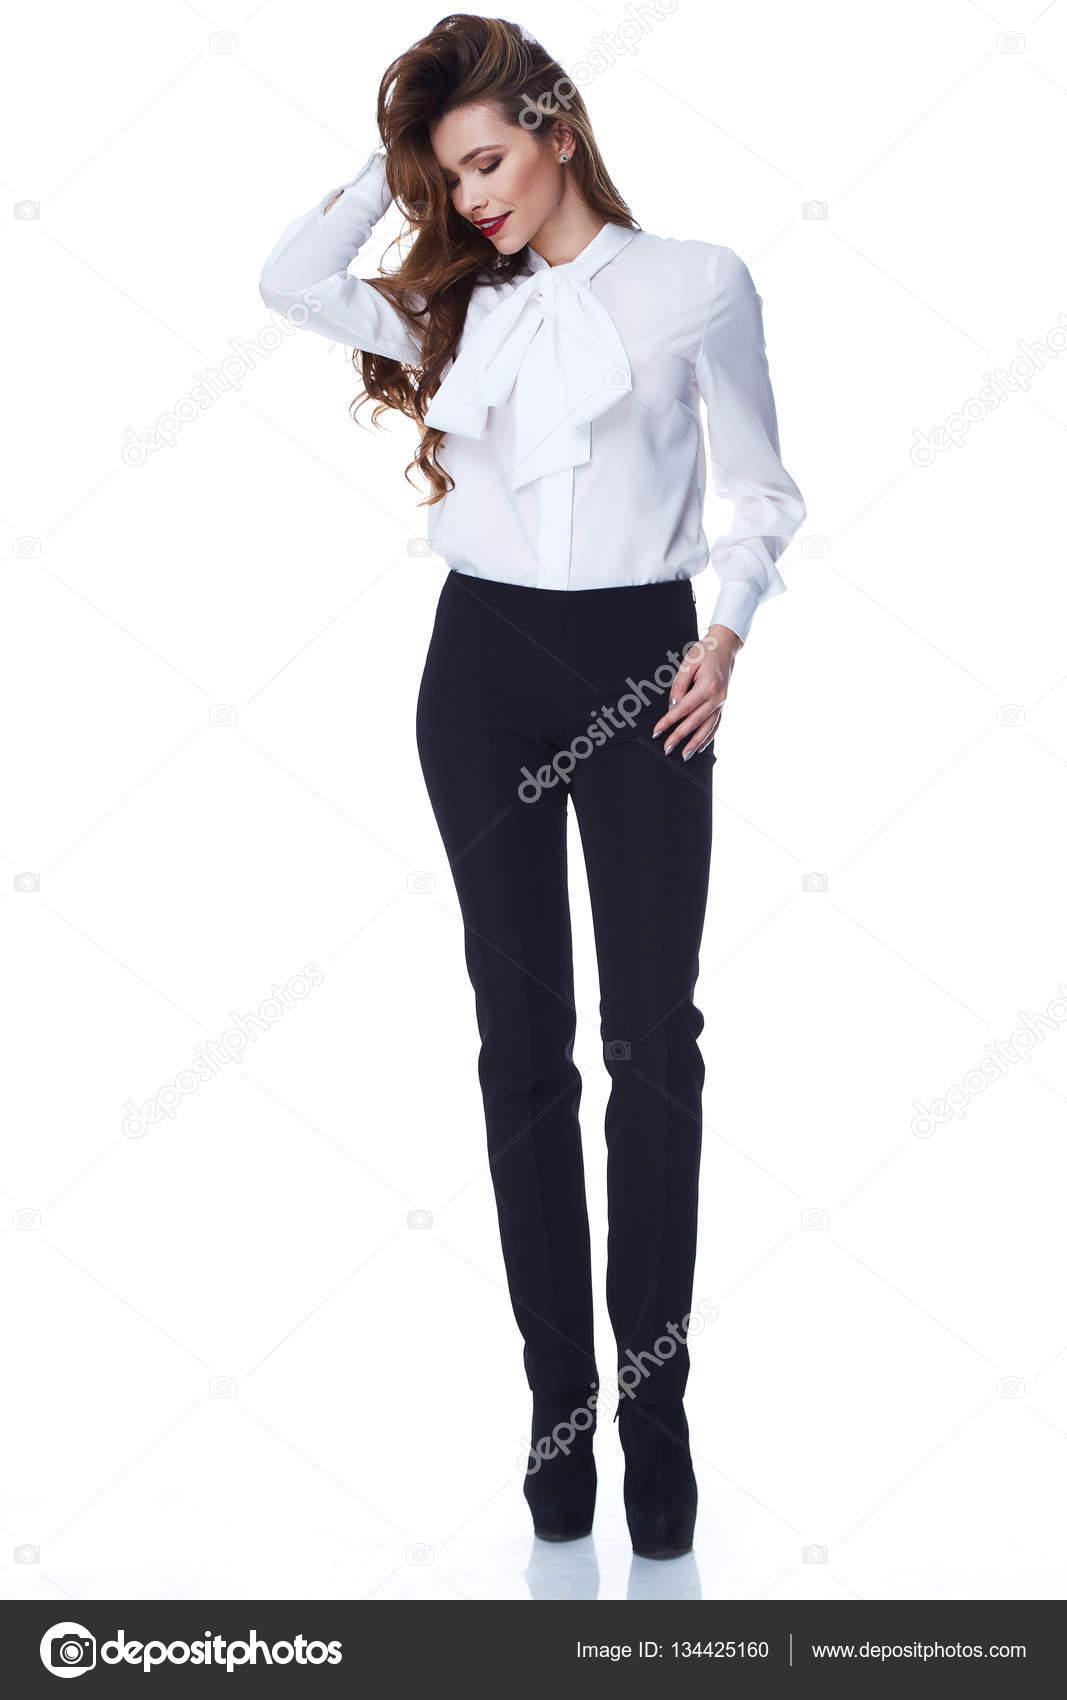 212a680001 Hermosa mujer sexy cara bonita maquillaje ropa moda estilo ropa pantalón  negro blusa blanca accesorio y zapatos código glamour modelo oficina pelo  largo ...